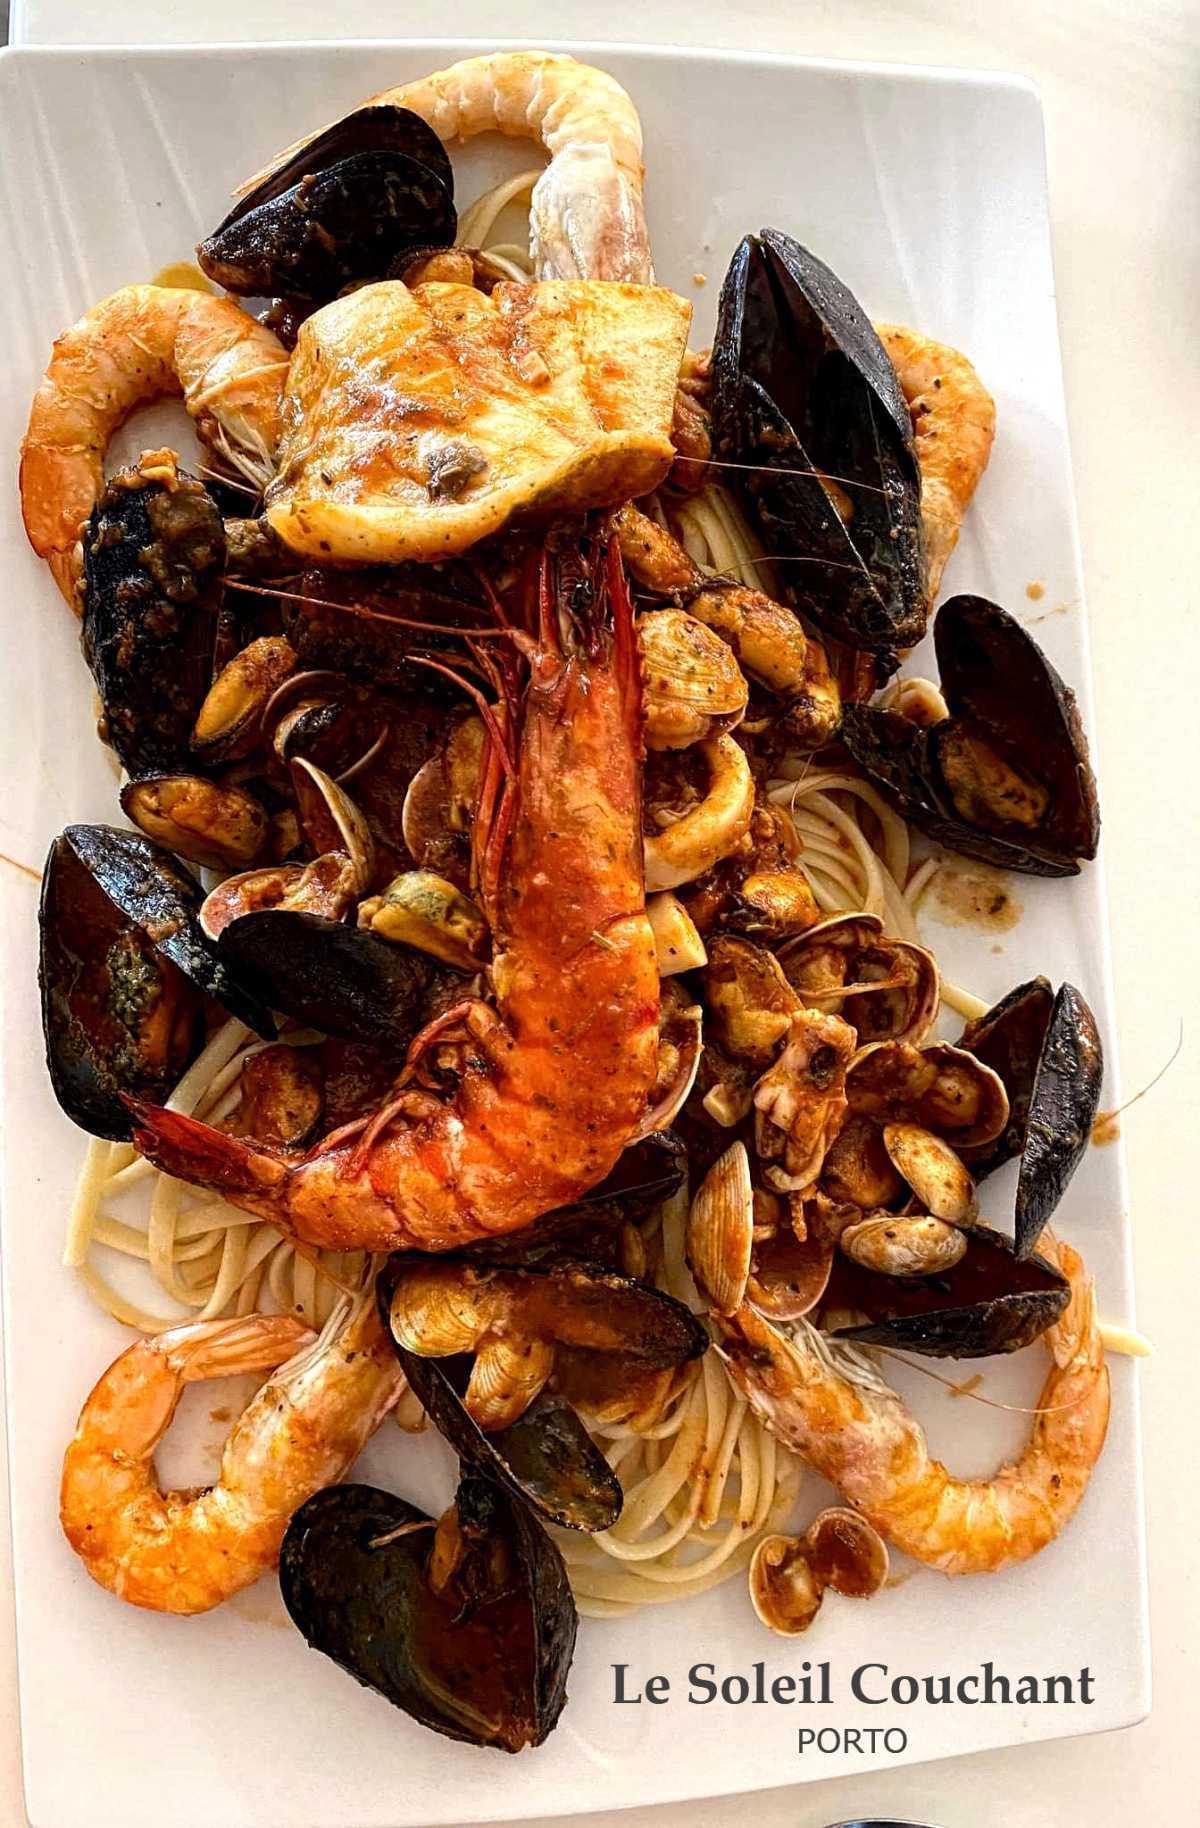 Restaurant Le Soleil Couchant